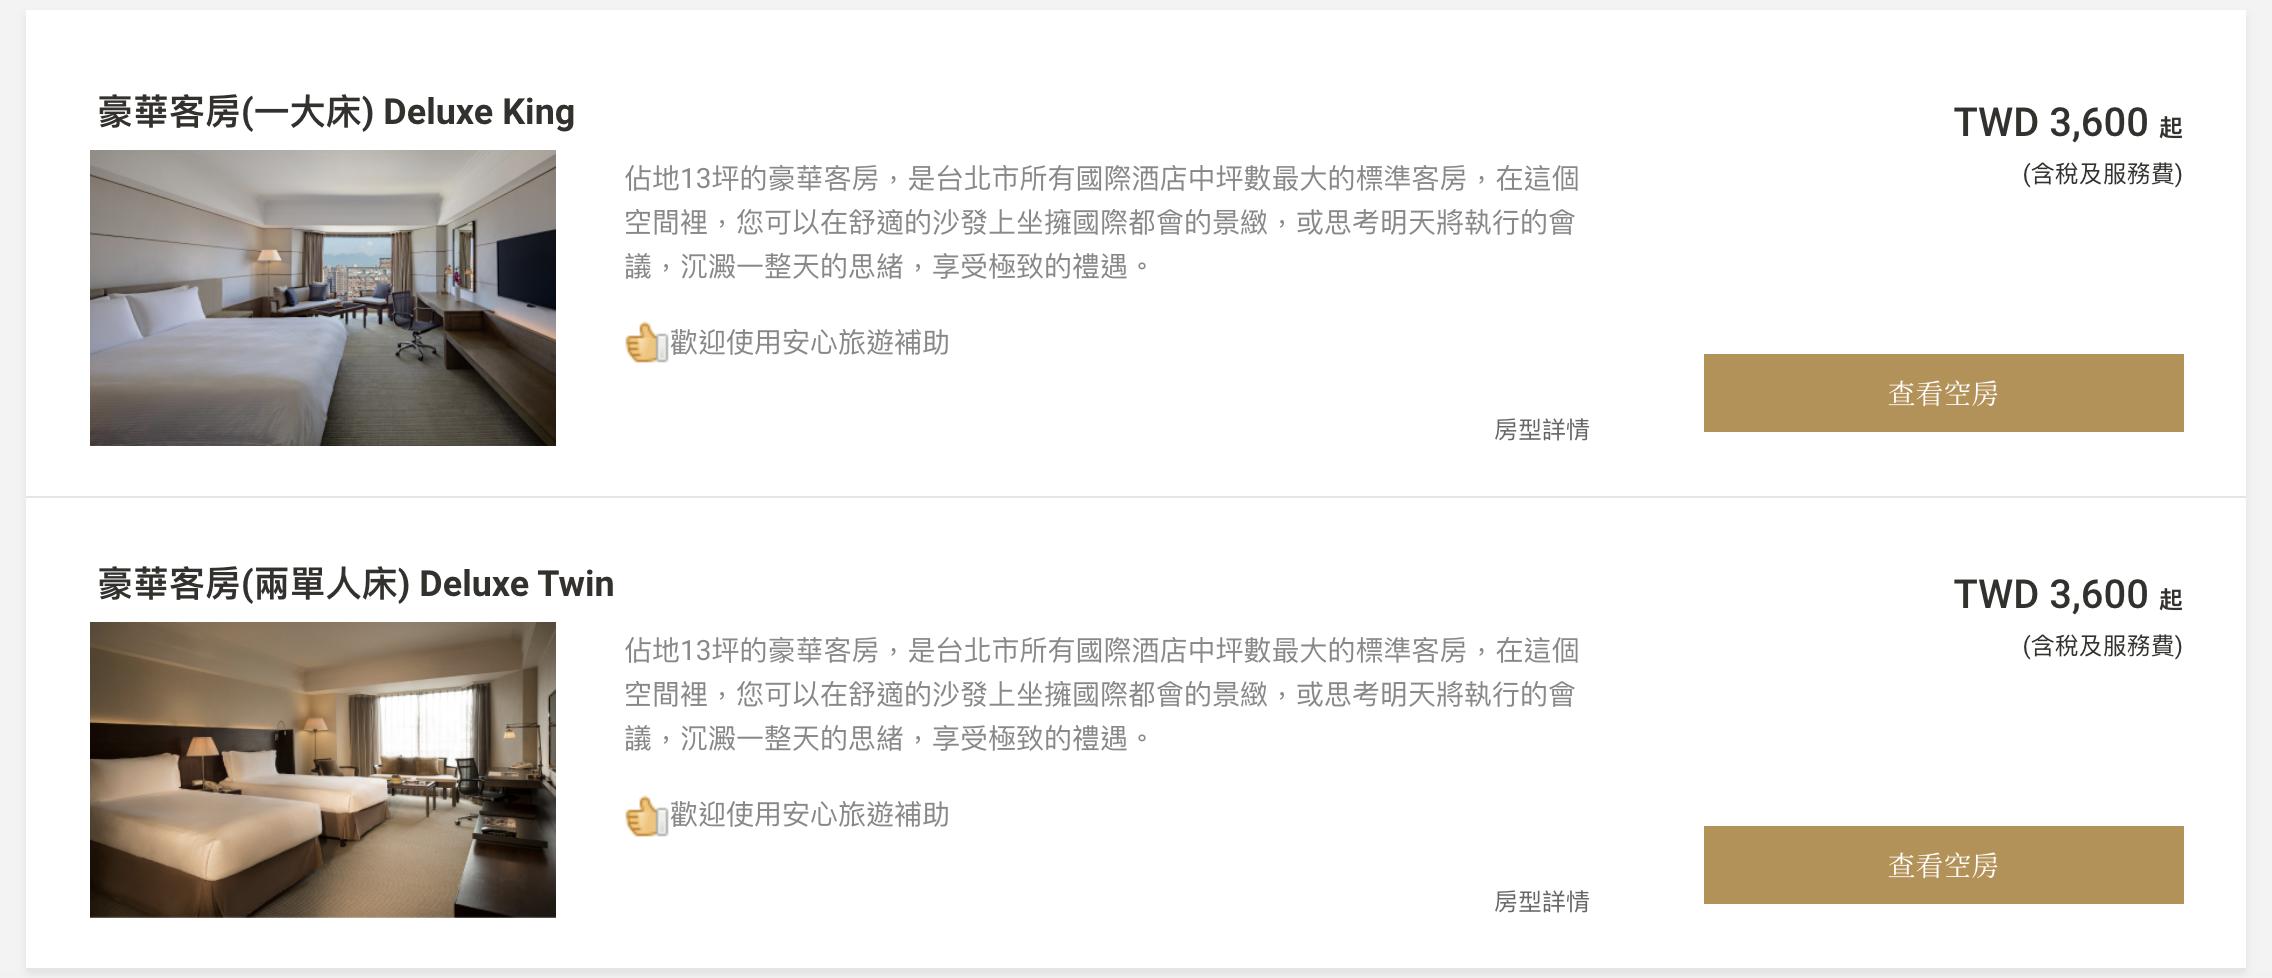 台北夜未央,晚入住、送冠軍牛肉麵,3.6K~安心旅遊補助可~